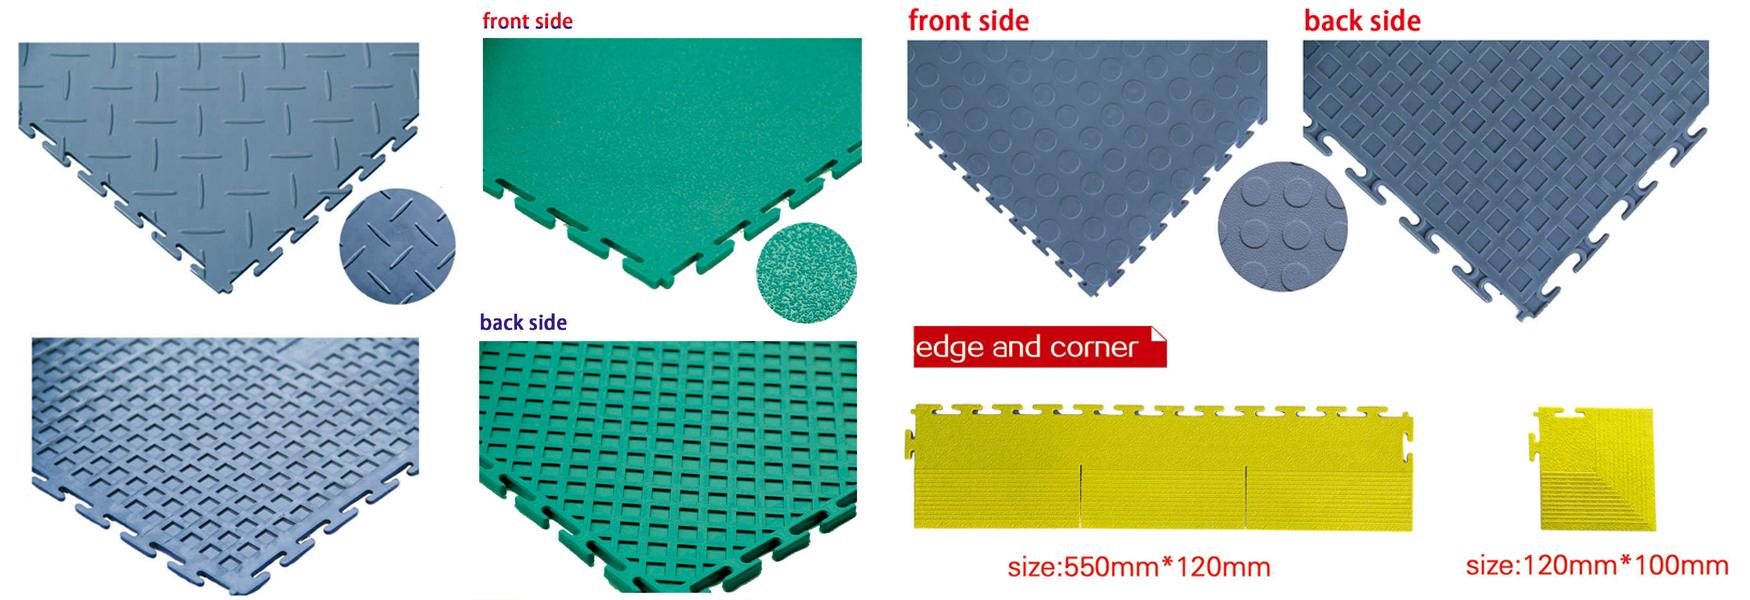 heavy duty industrial PVC tiles